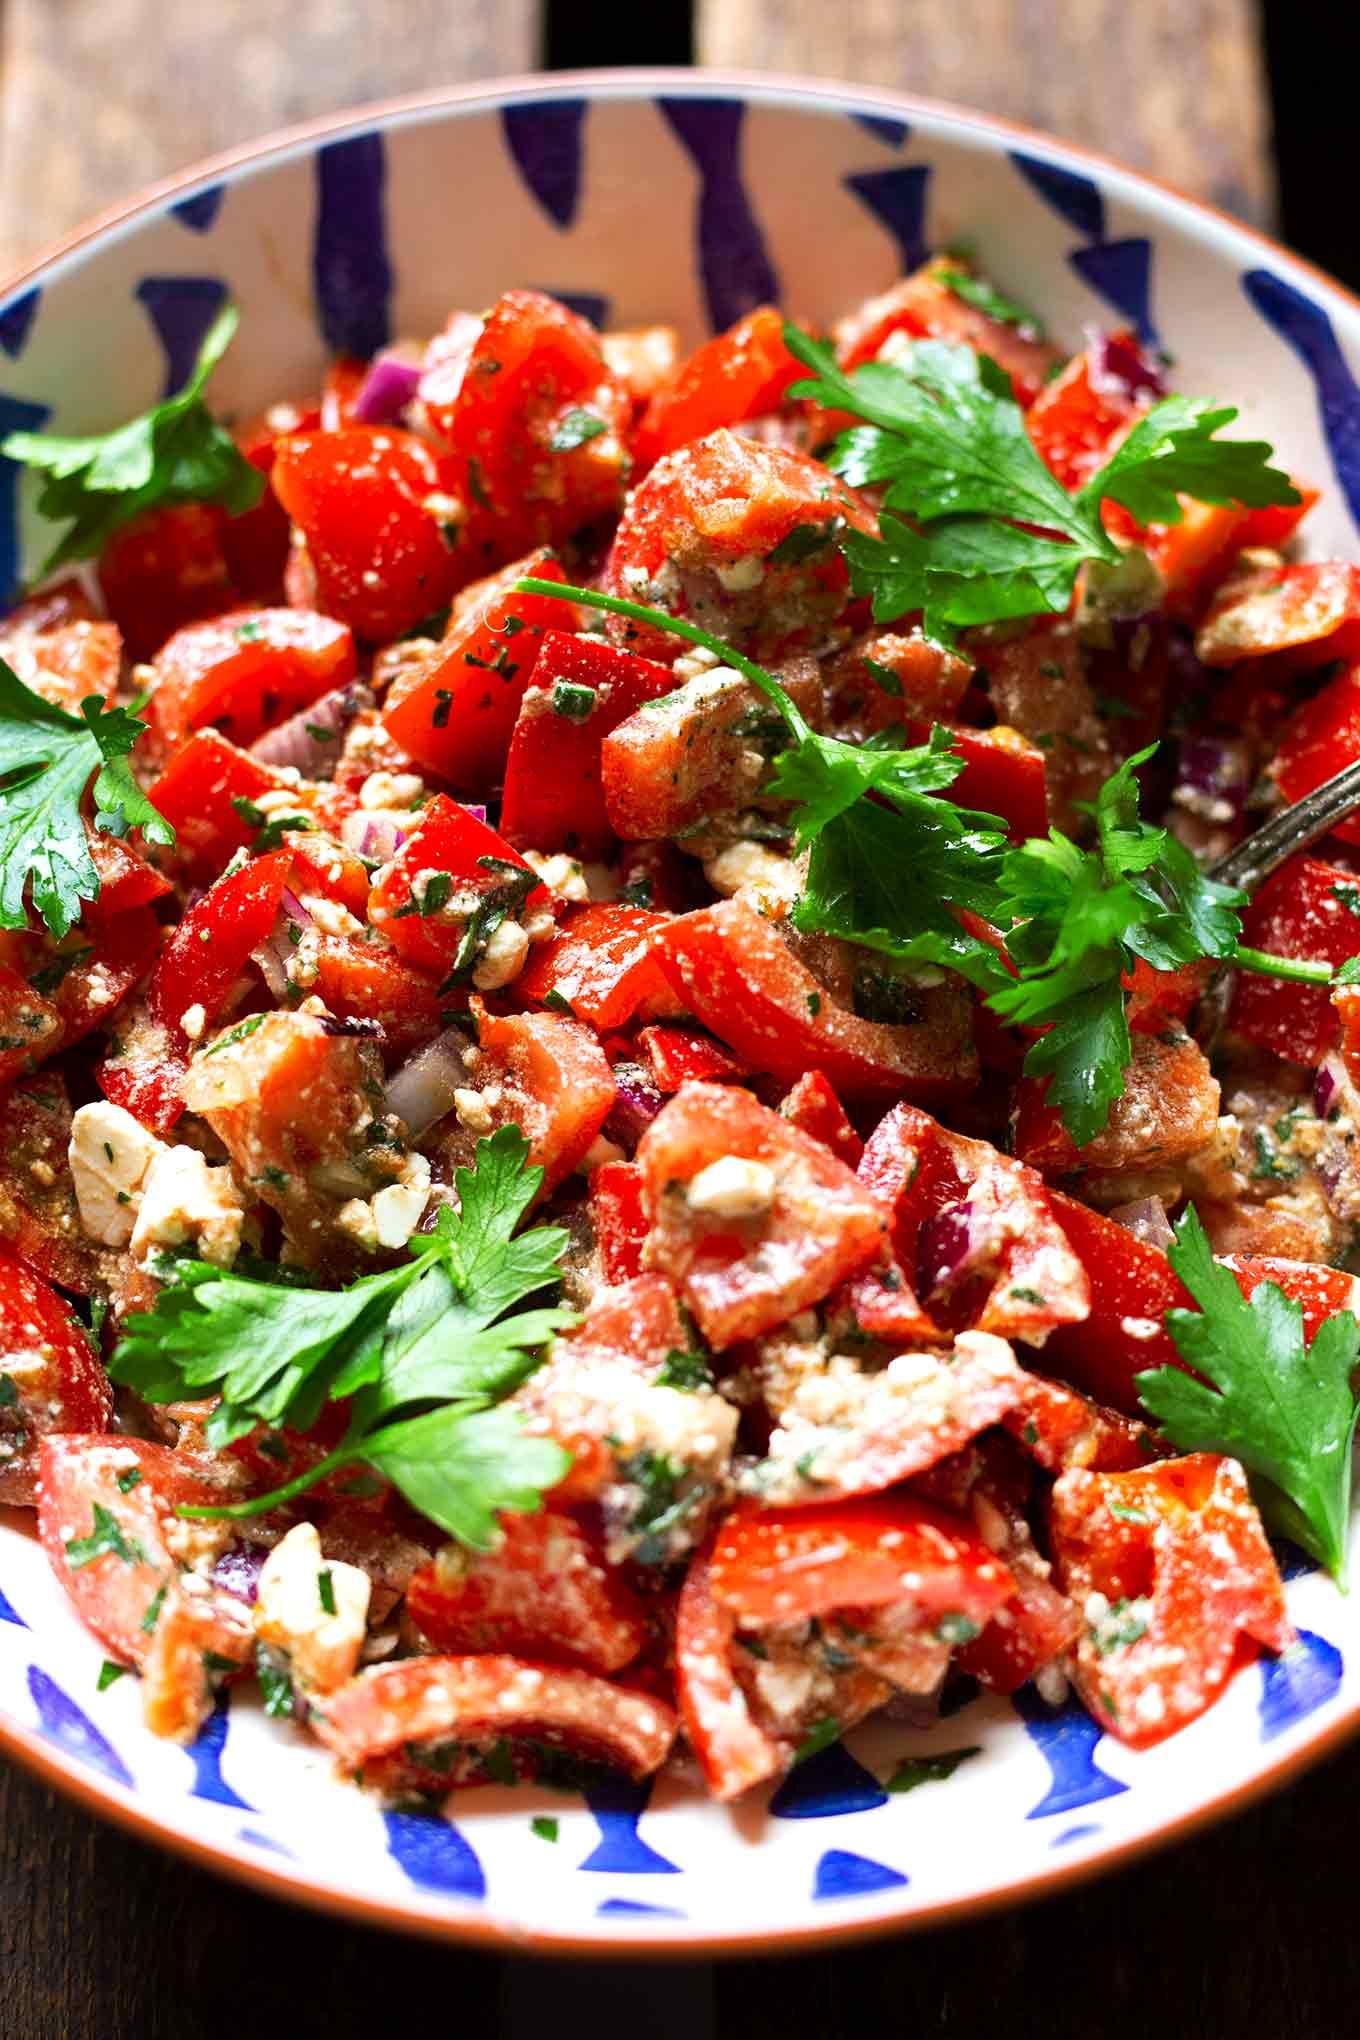 Tomatensalat mit Feta und Paprika und 10 weitere Tomatenrezepte warten auf euch. Die Tomatensaison ist im vollen Gange und im Kochkarussell findet ihr nun 11 schnelle und leckere Rezeptideen, um eure selbstgeernteten Tomaten lecker zu verarbeiten. Kochkarussell - Foodblog für schnelle und einfache Feierabendküche